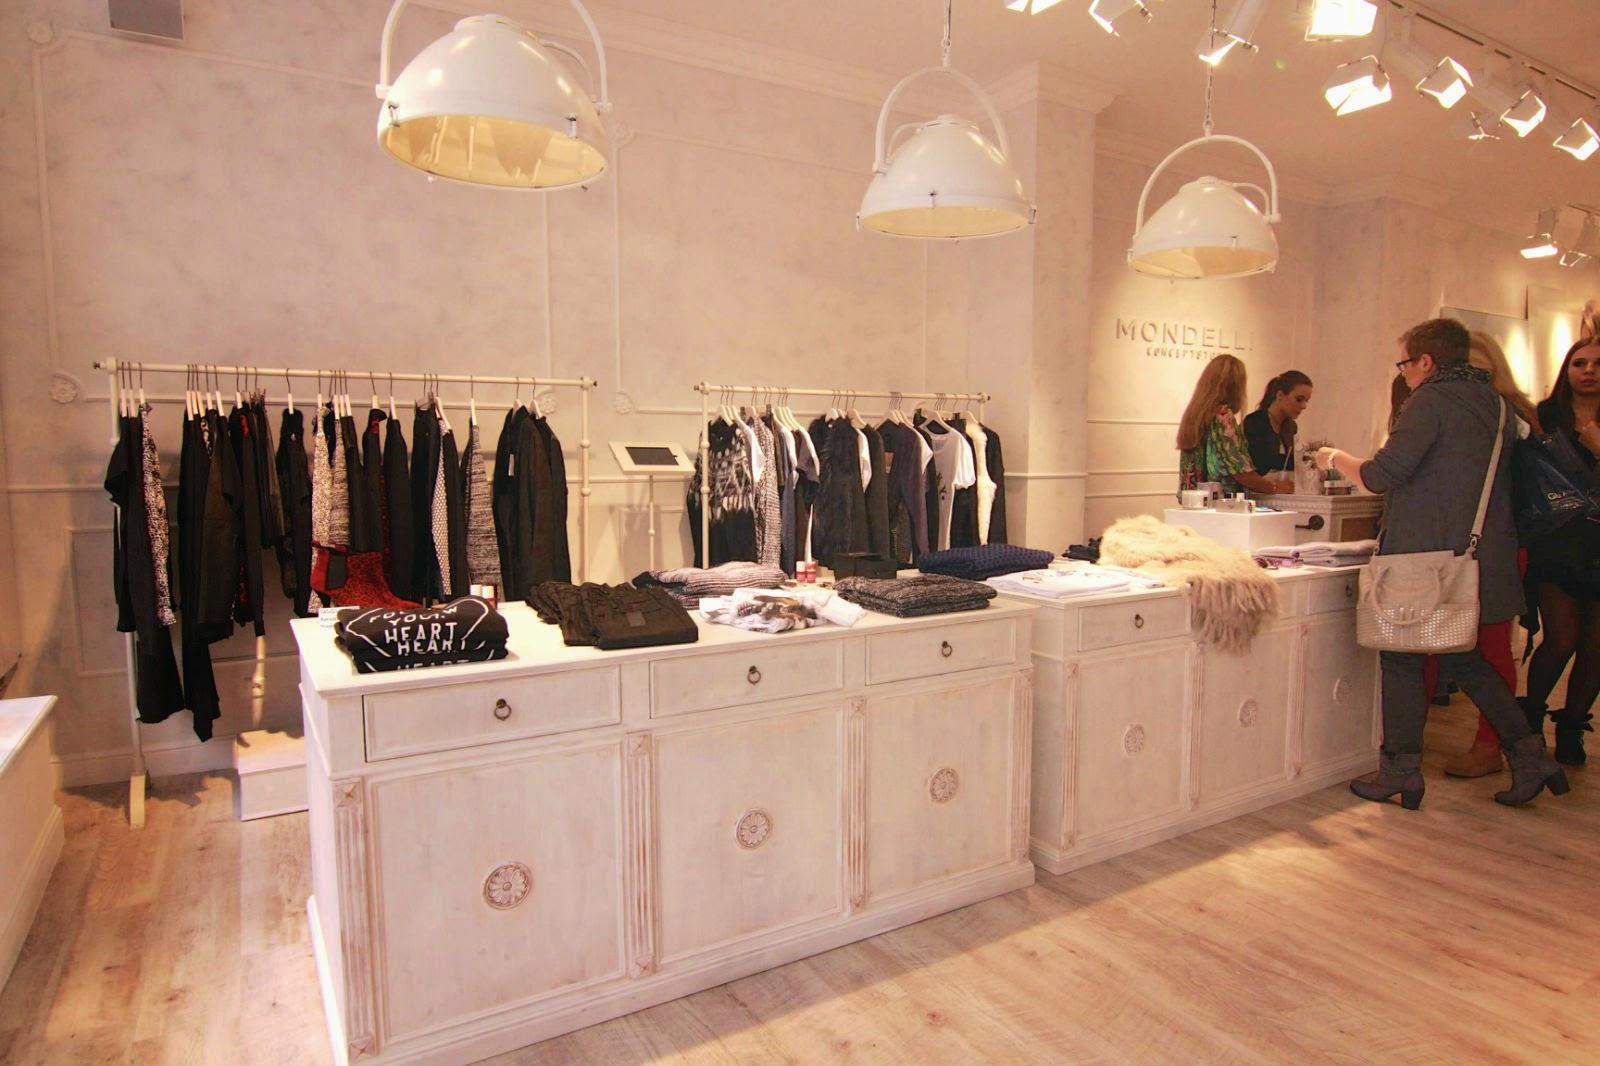 Eingangsbereich im Mondelli Concept Store Würzburg